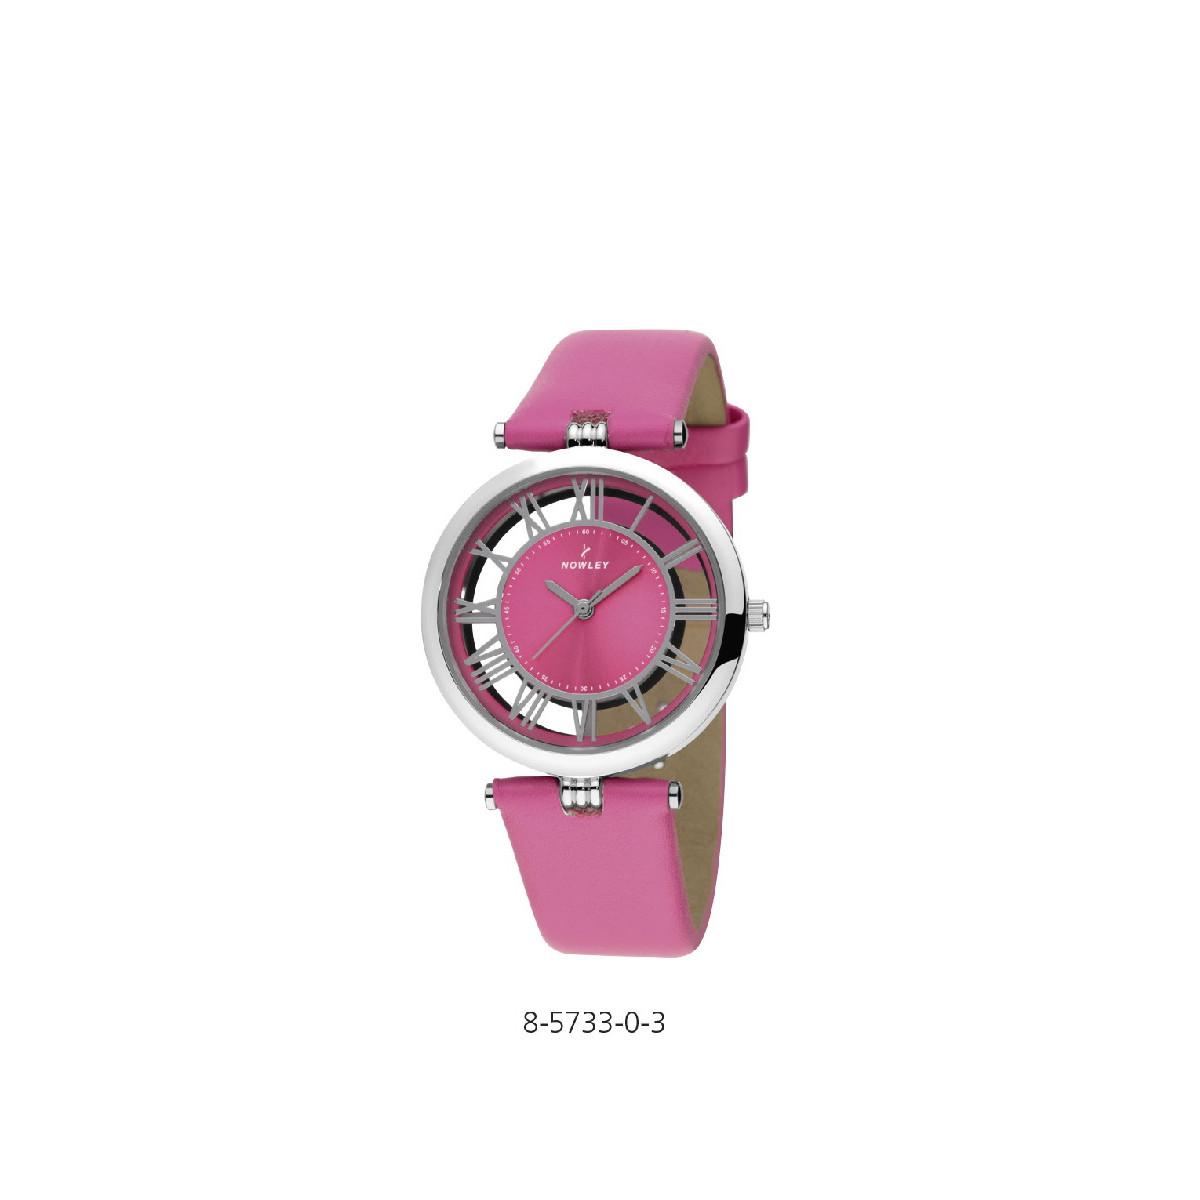 Reloj Nowley - 8-5733-0-3